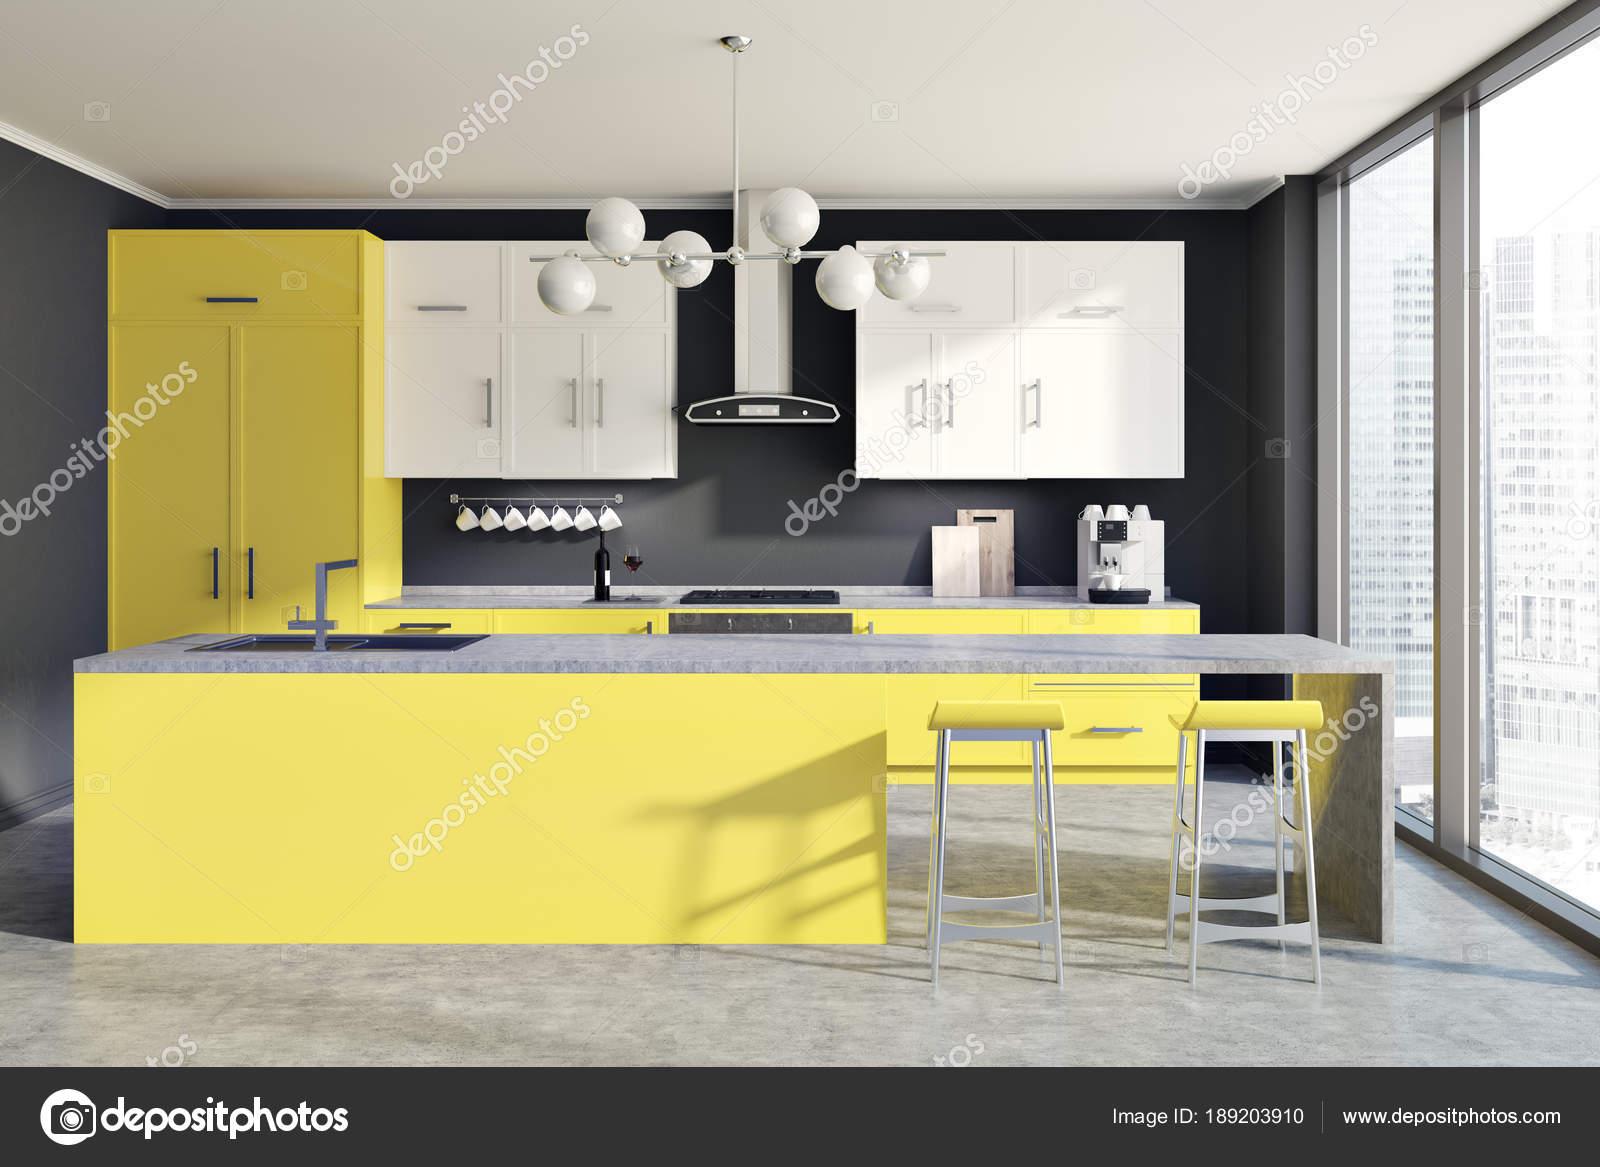 Banconi da cucina, giallo muro grigio — Foto Stock © denisismagilov ...